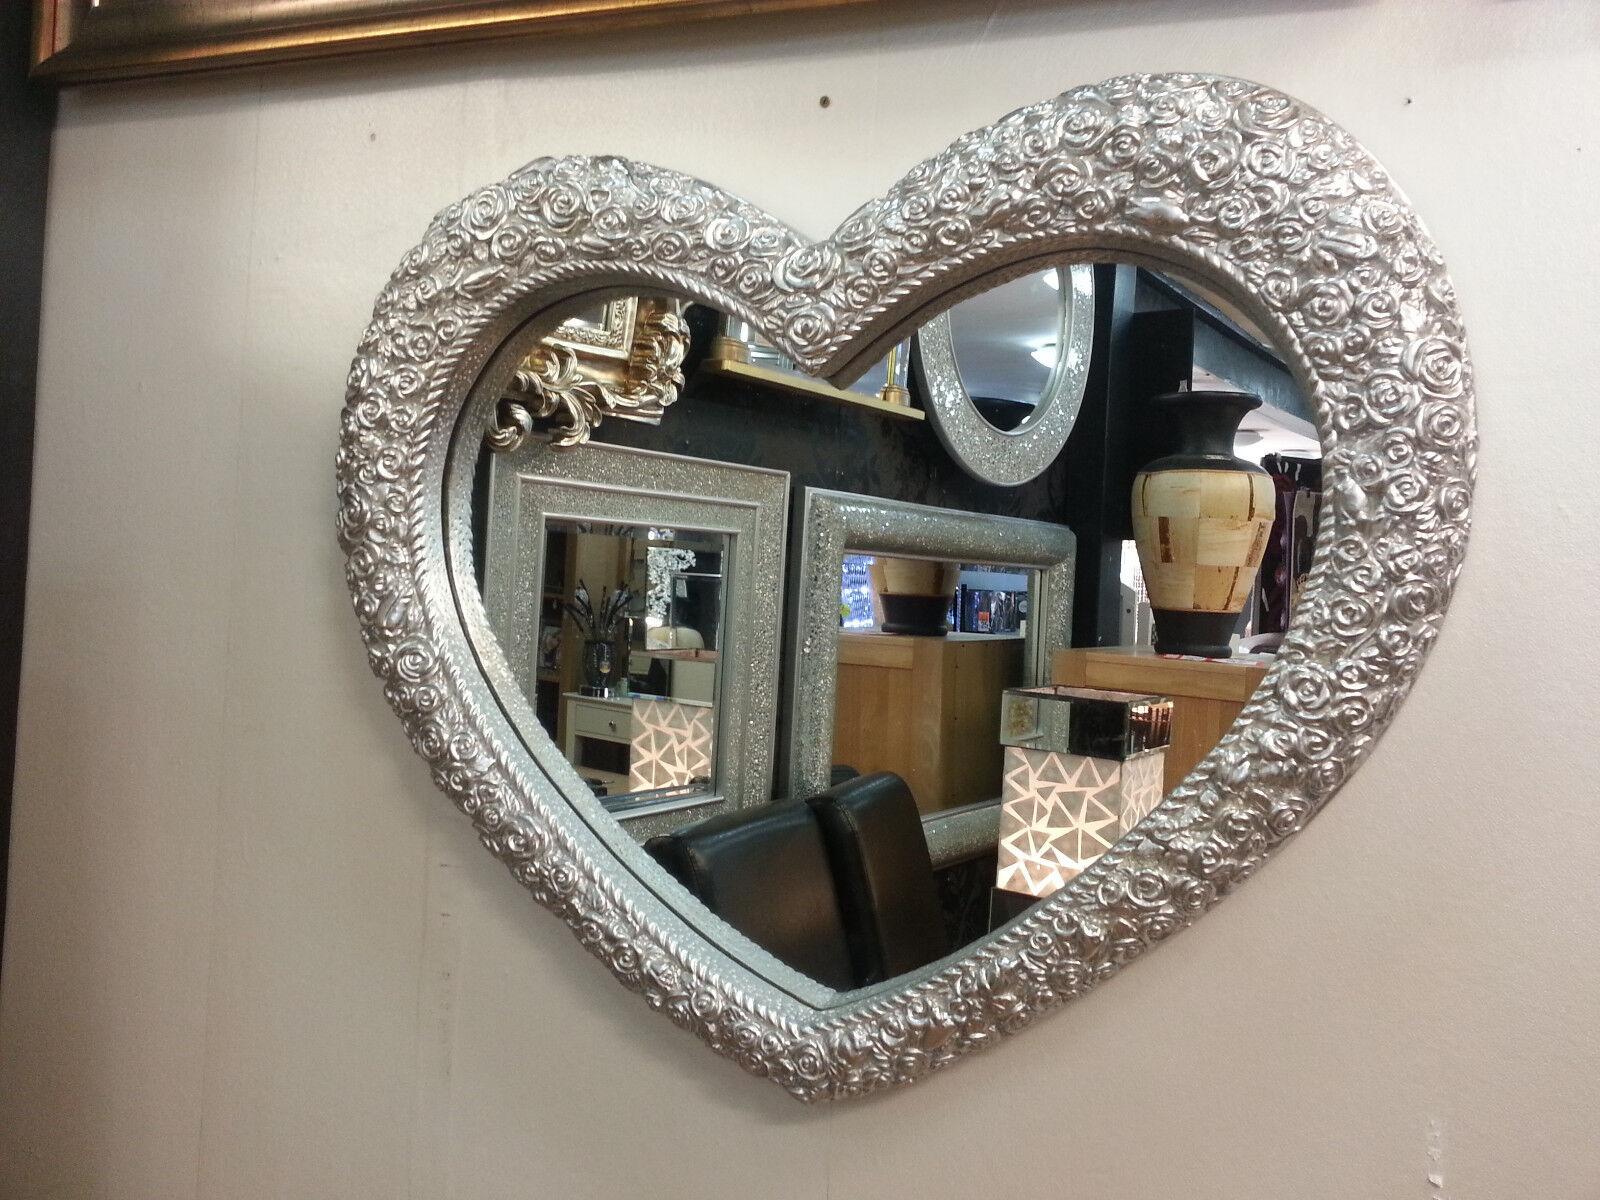 Coeur miroir mural décoration couleur argent roses cadre français gravé roses argent 75x63cm neuf bd2a95